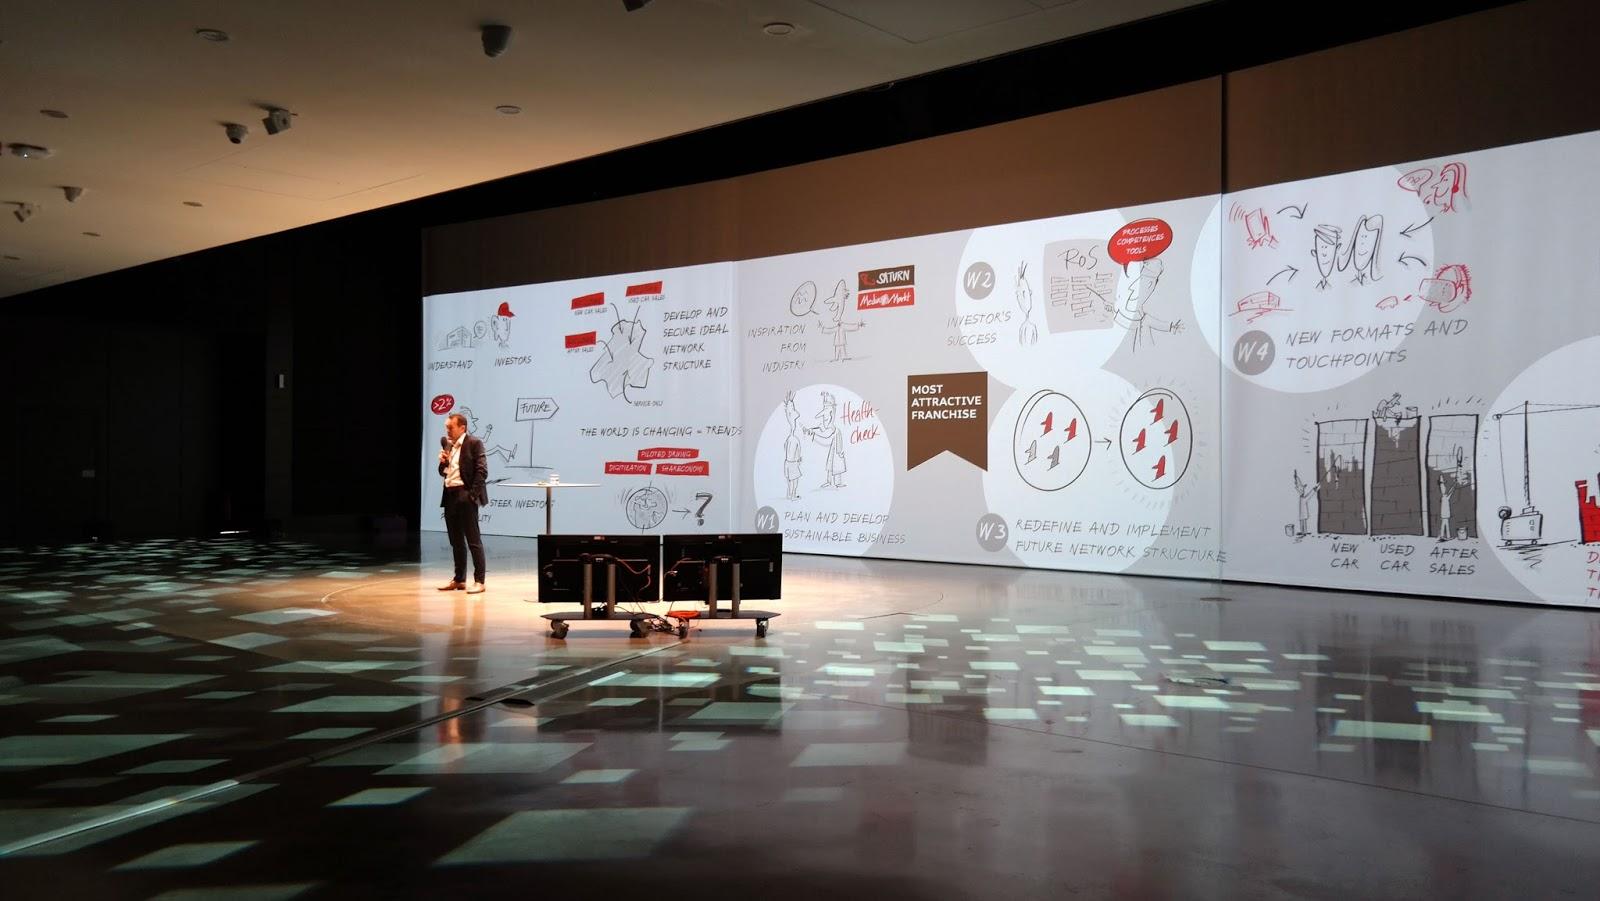 Visuelle Ausgestaltung einer Konferenz in München oder die Kraft der Illustration 1